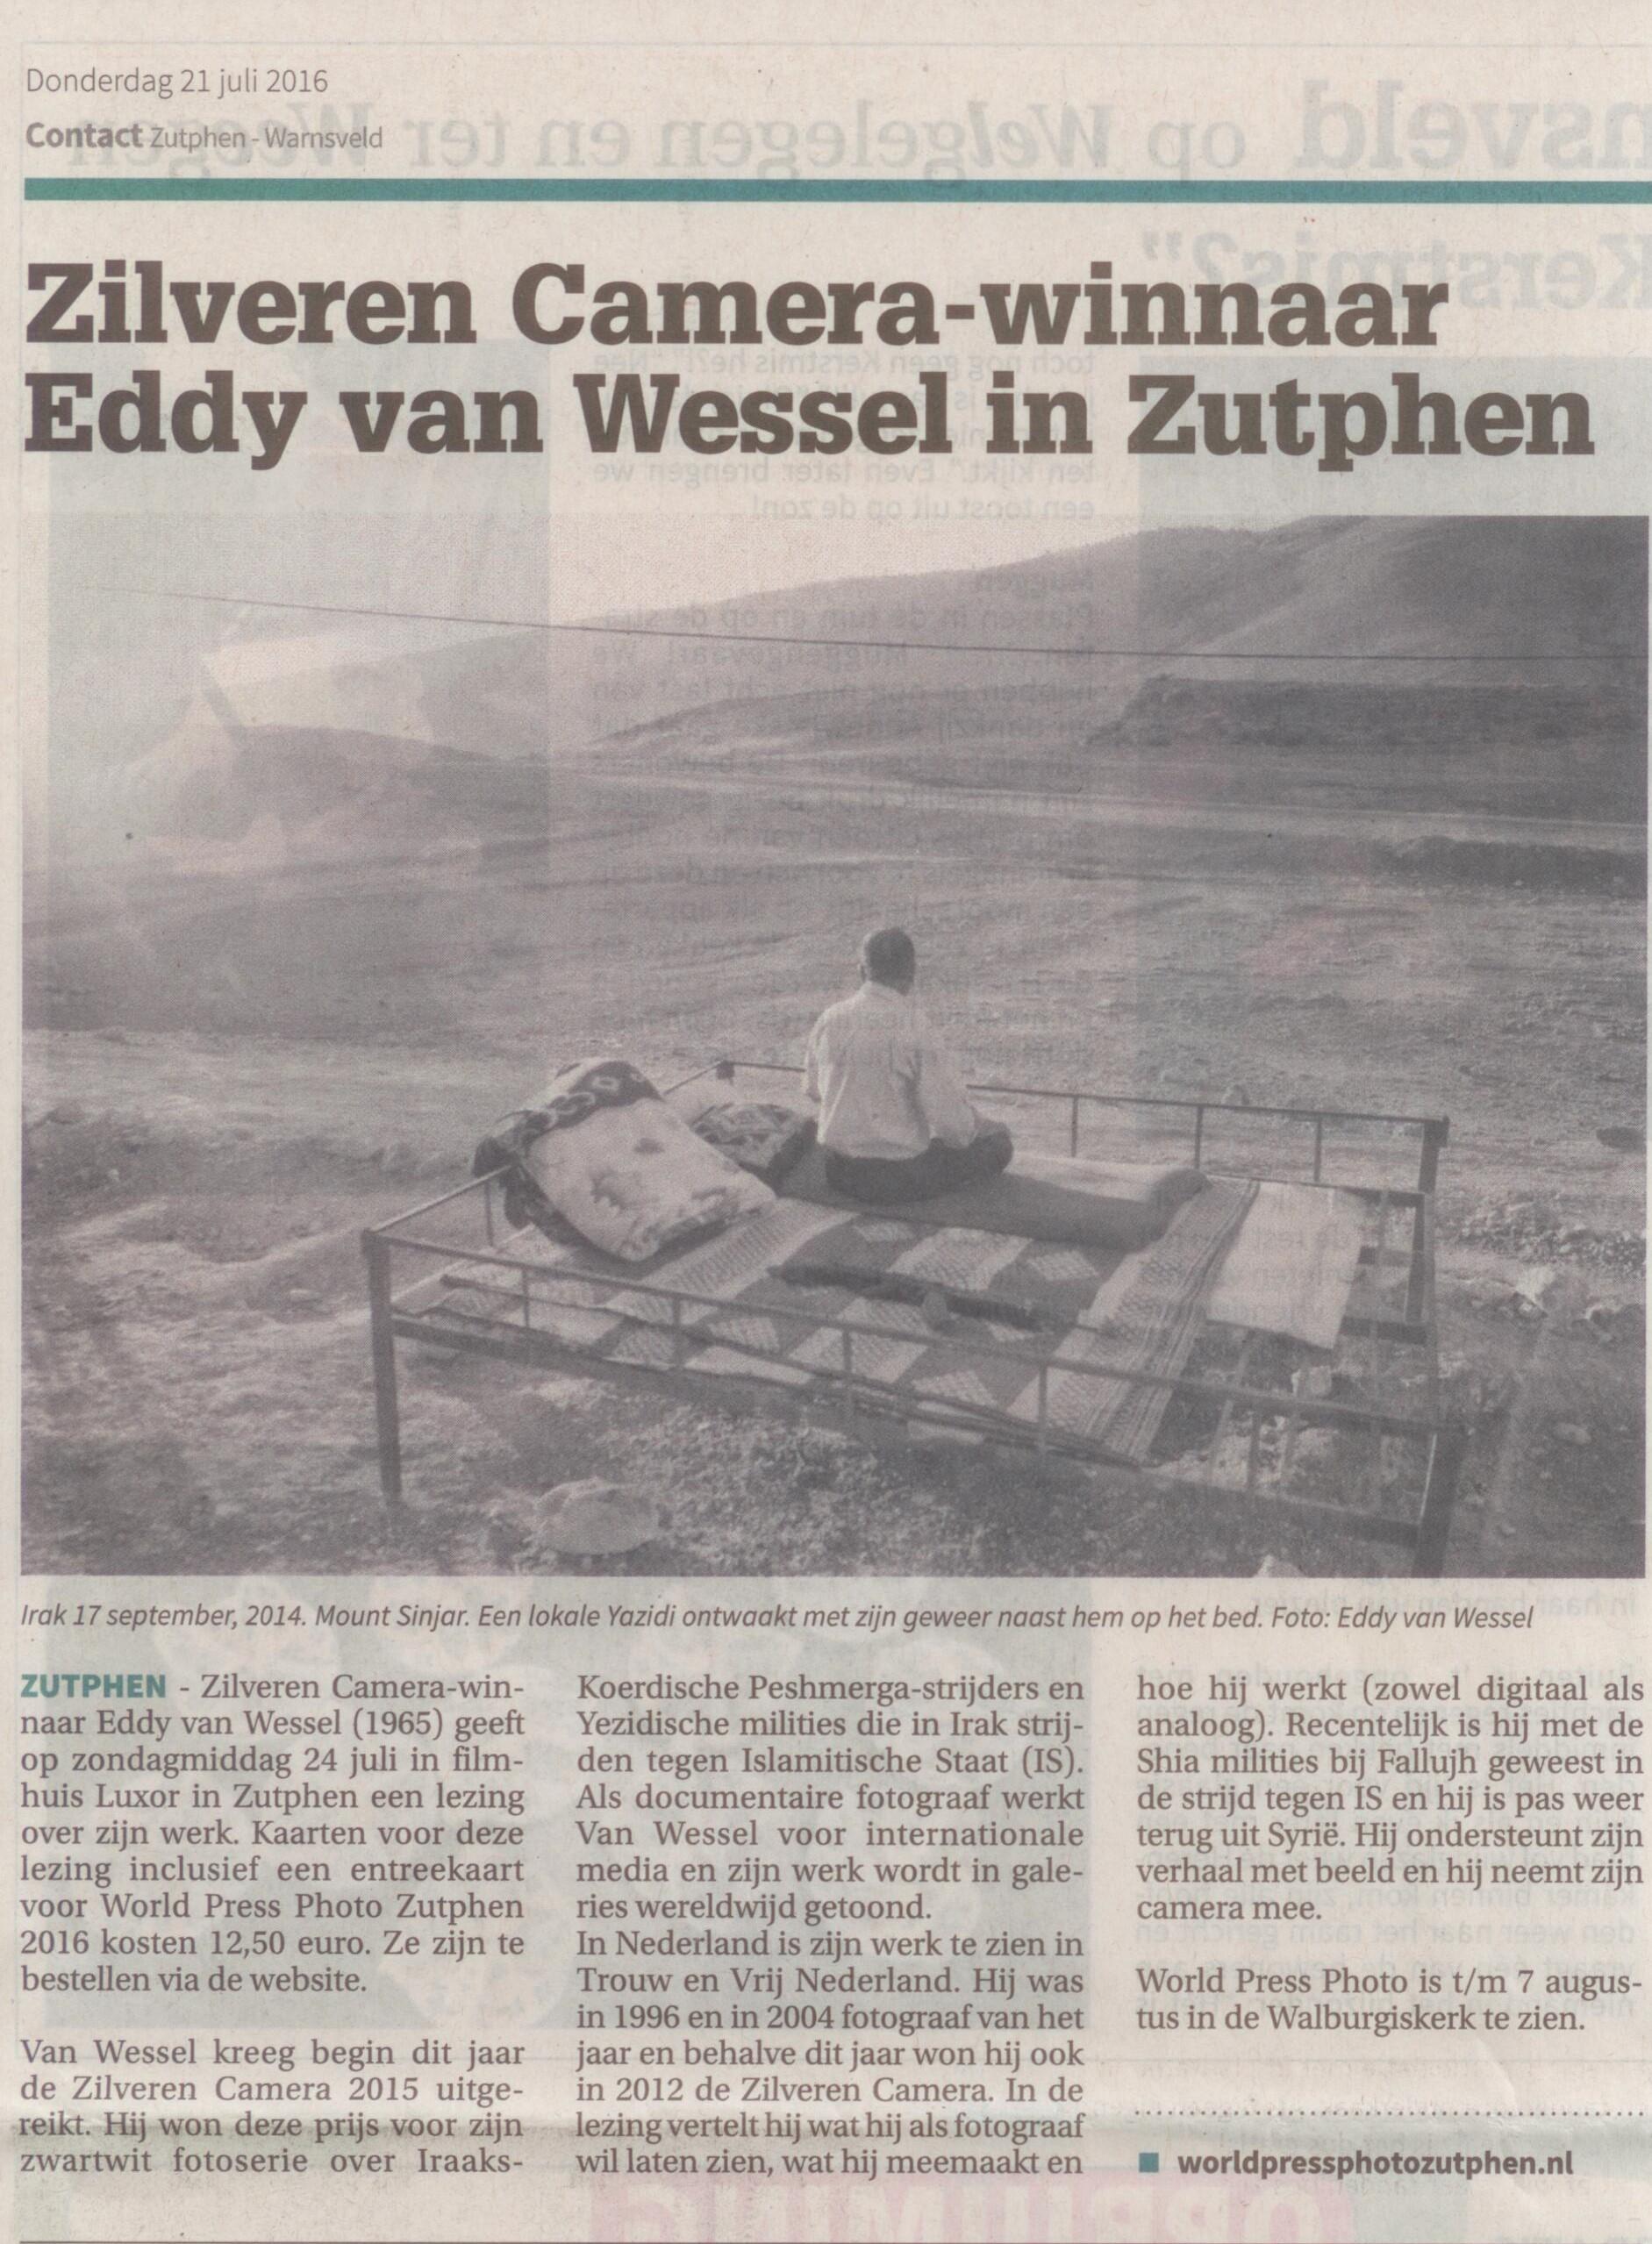 160721 Contact Zilveren Camera-winnaar Eddy van Wessel in Zutphen